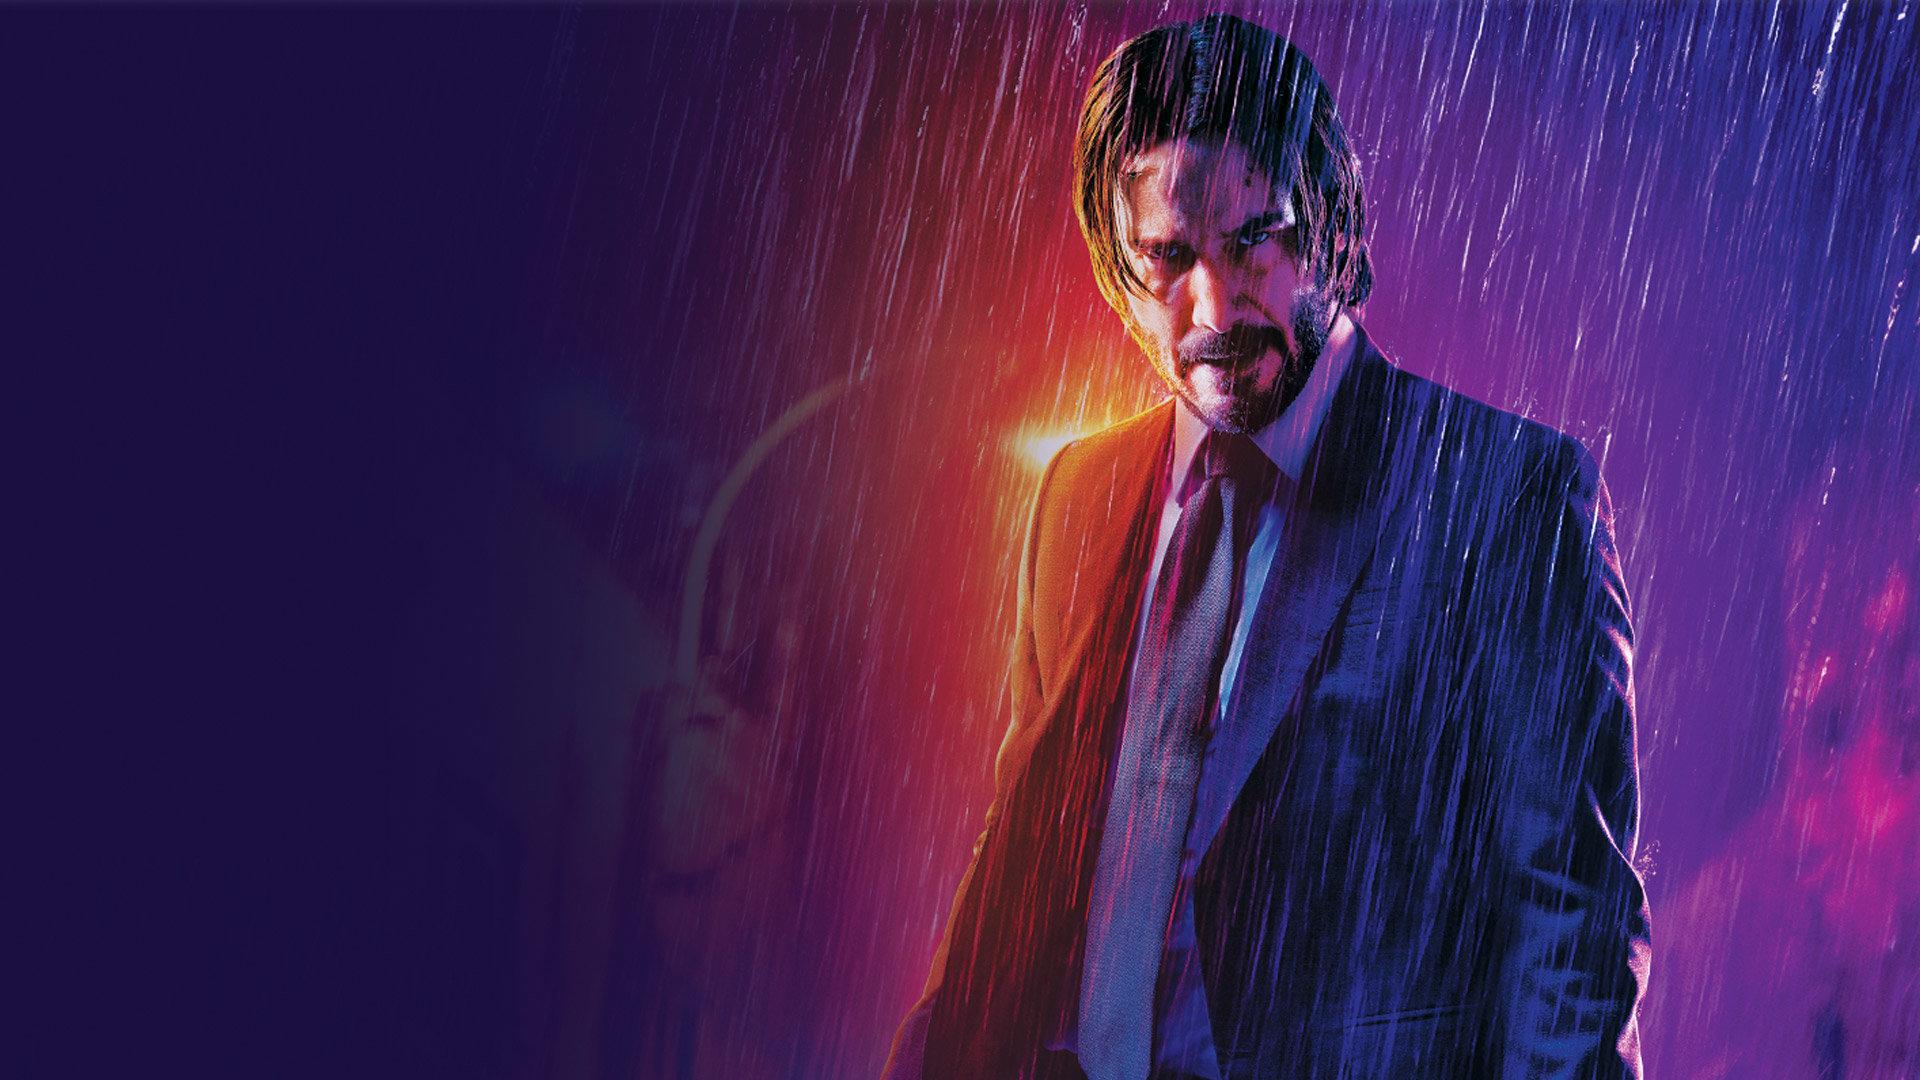 stillbild ur John Wick 3 med Keanu Reeves.